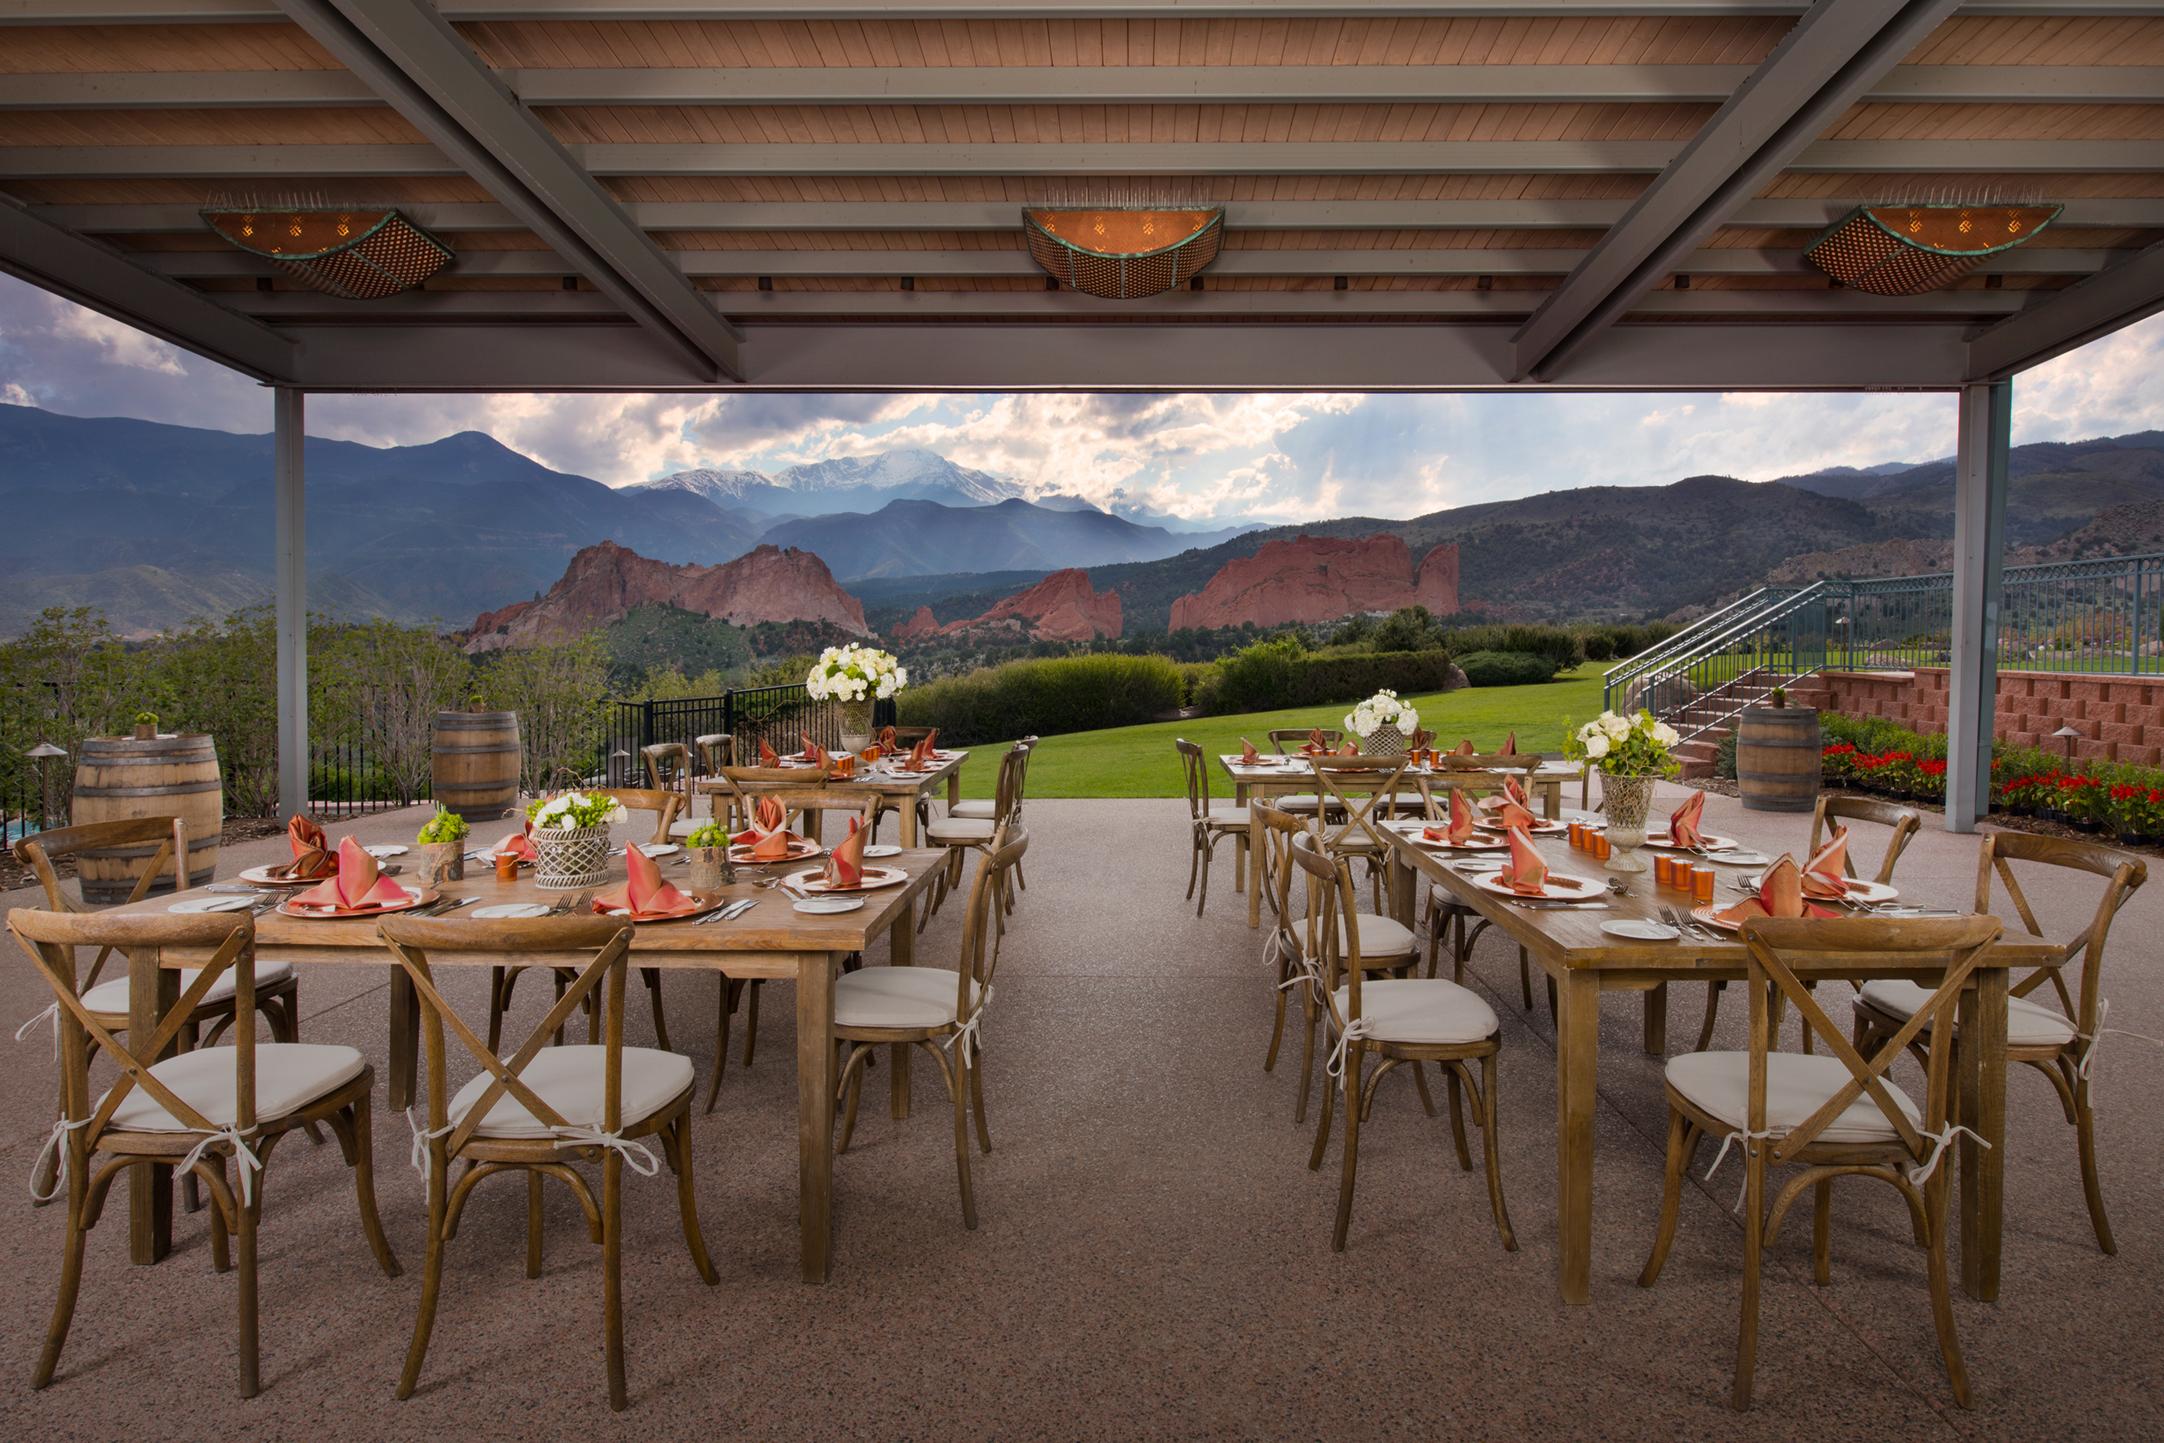 catering outdoor venue colorado springs